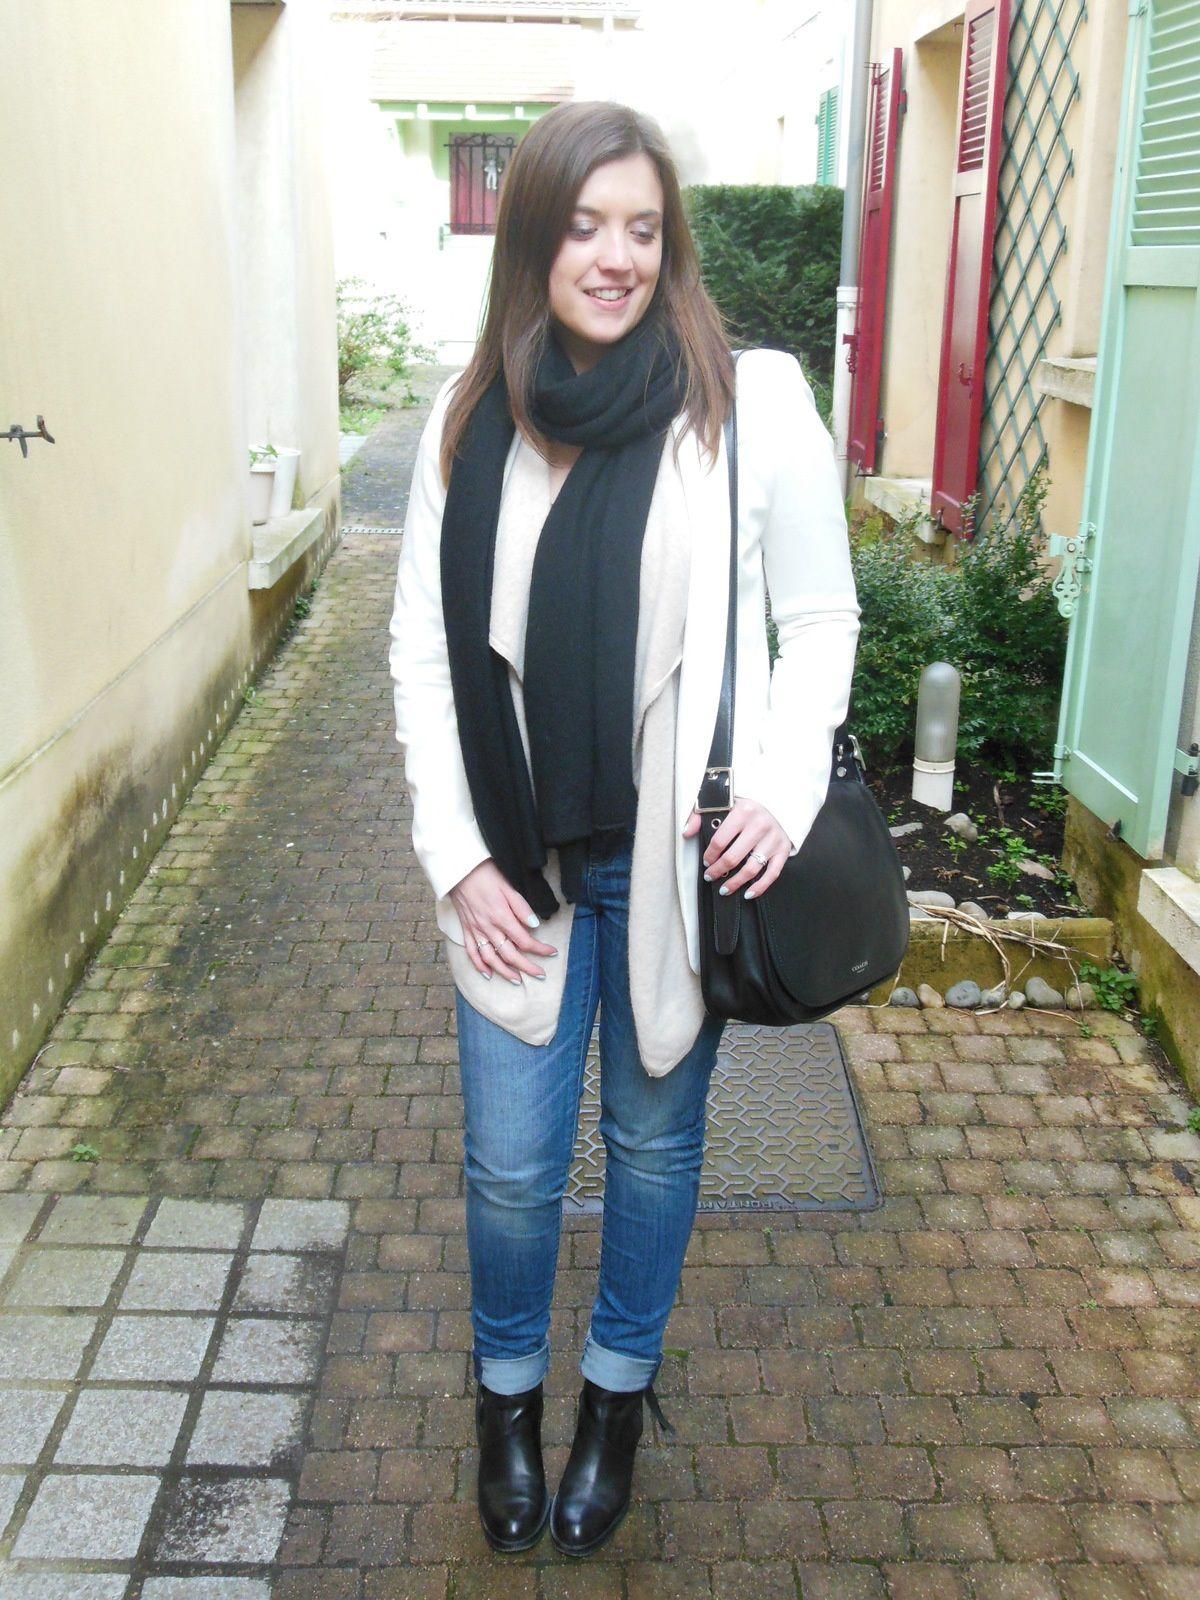 Veste - COTR x Pimkie // Gilet - Des Petits Hauts // Body - Undiz // Jeans - Zara // Echarpe - COS // Pistols Boots - Acne // Sac - Coach